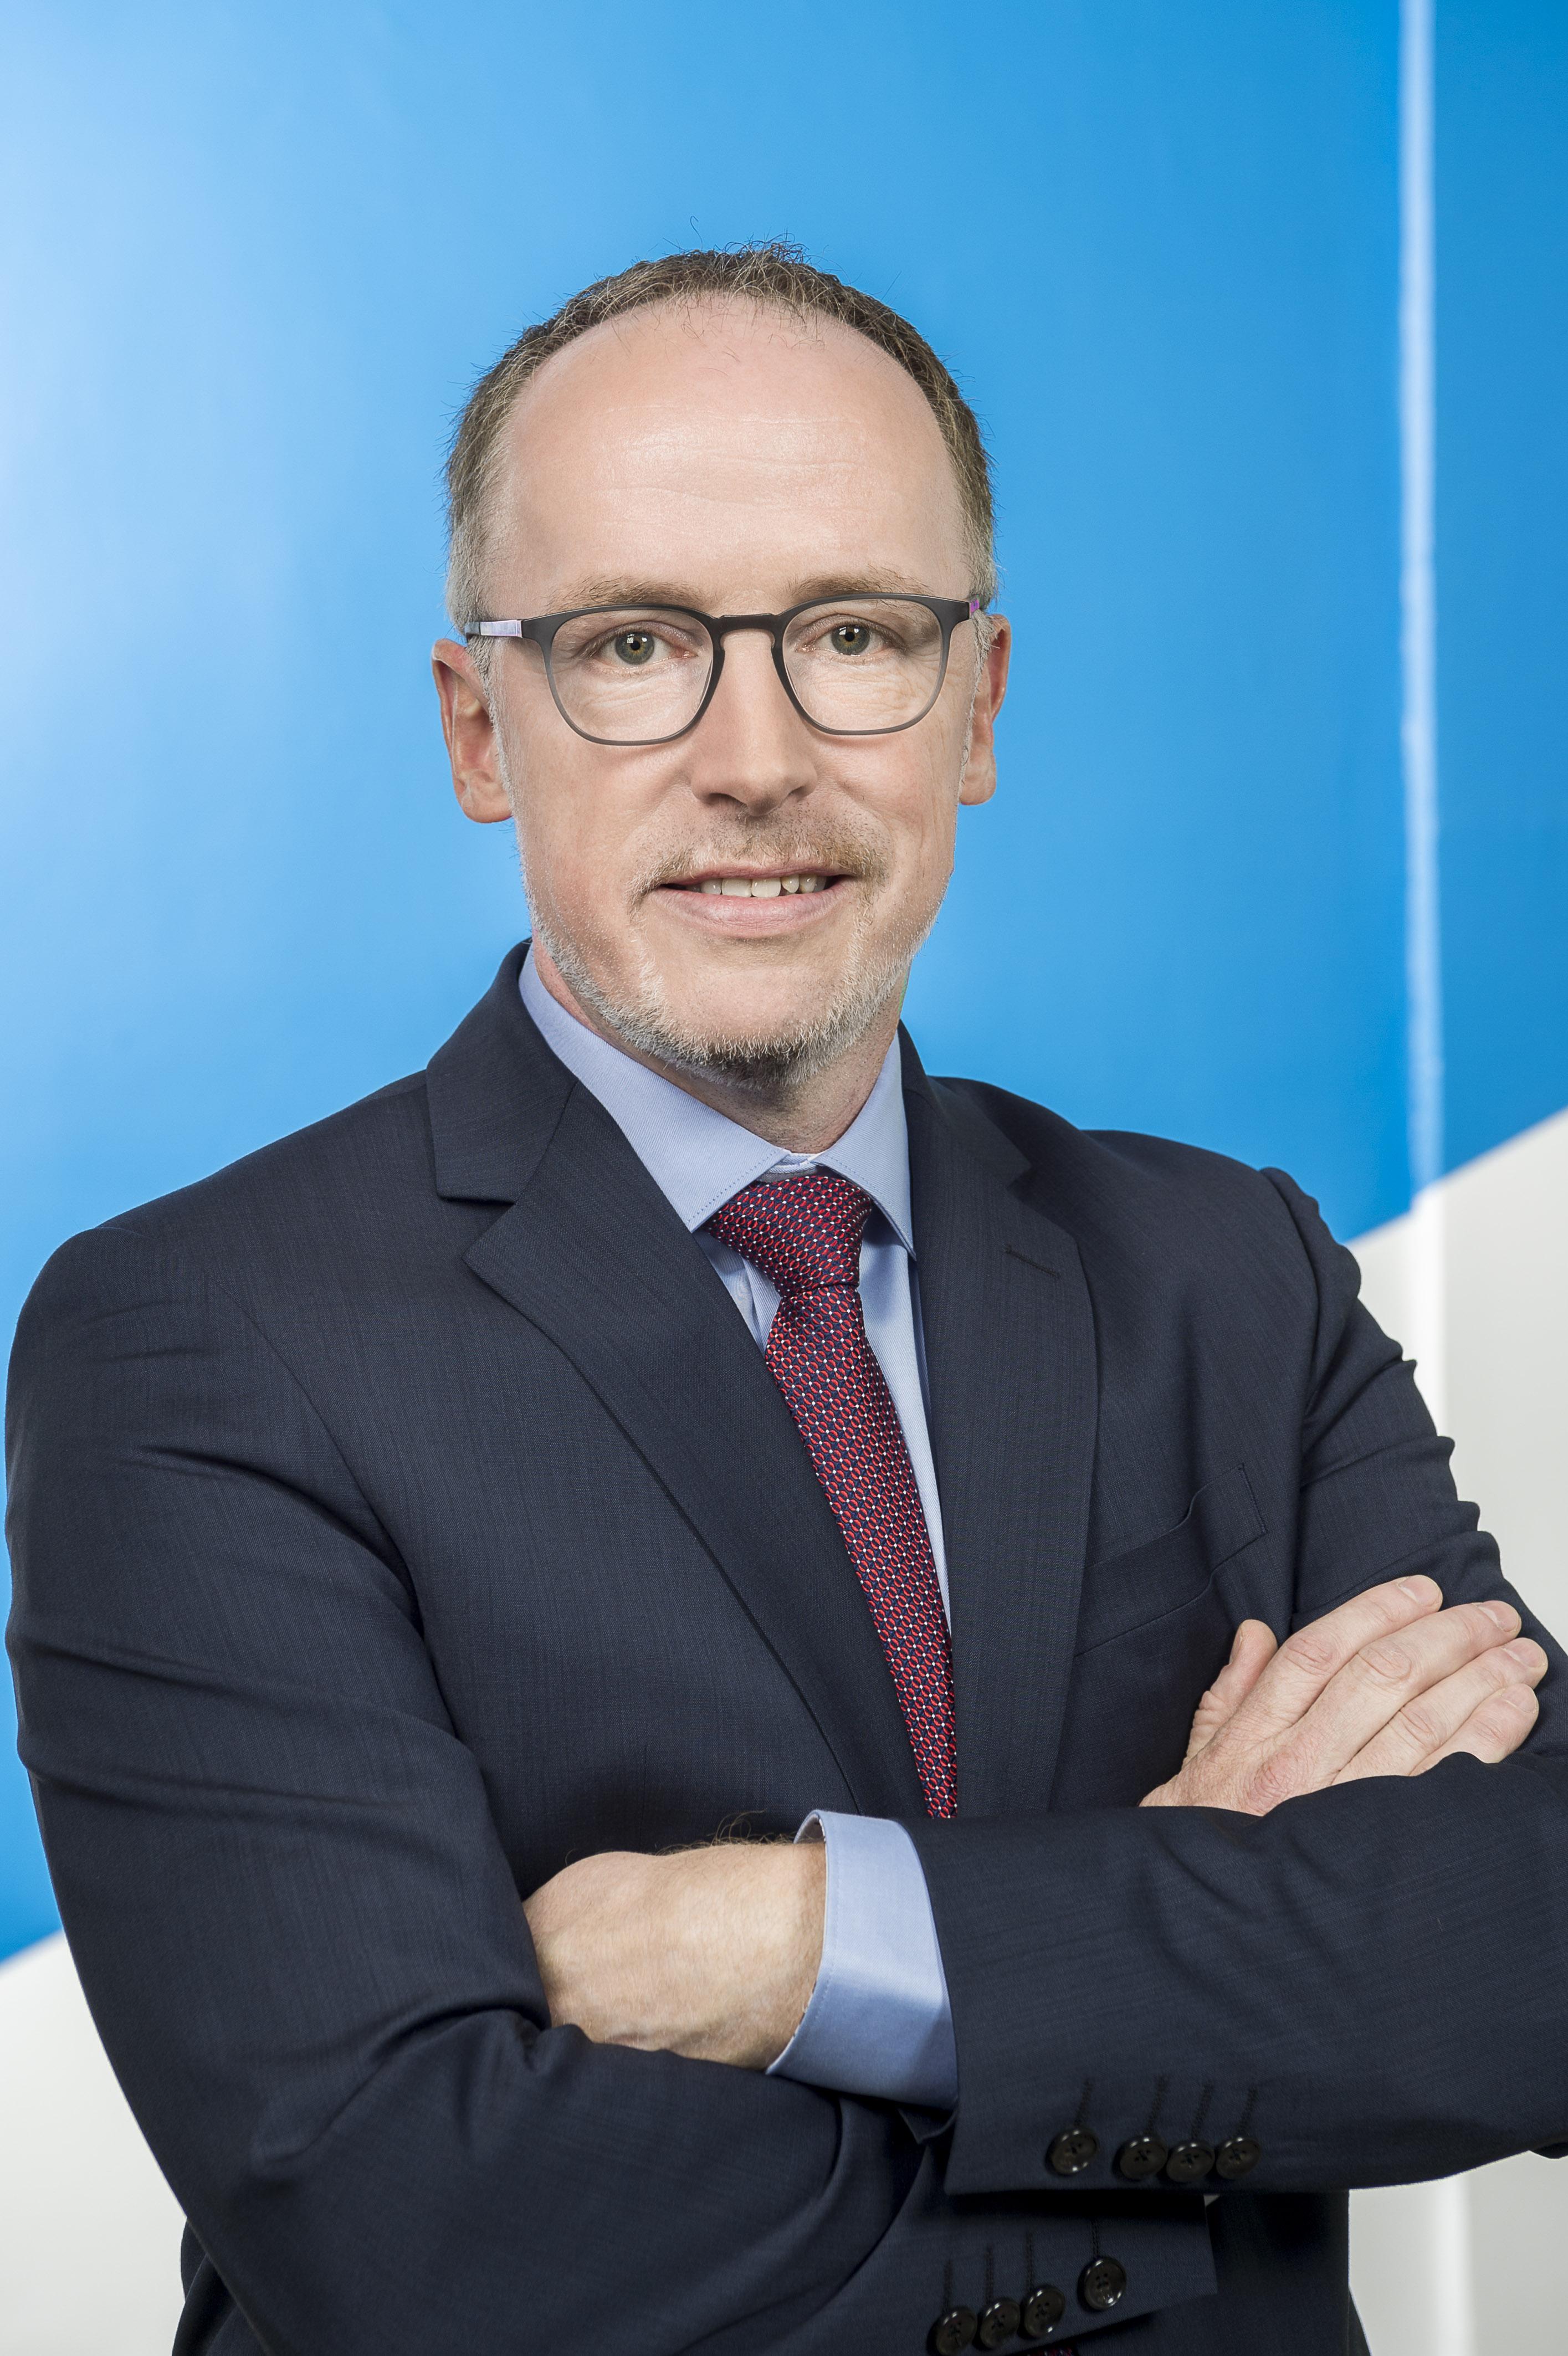 Jens Andreas Meinen